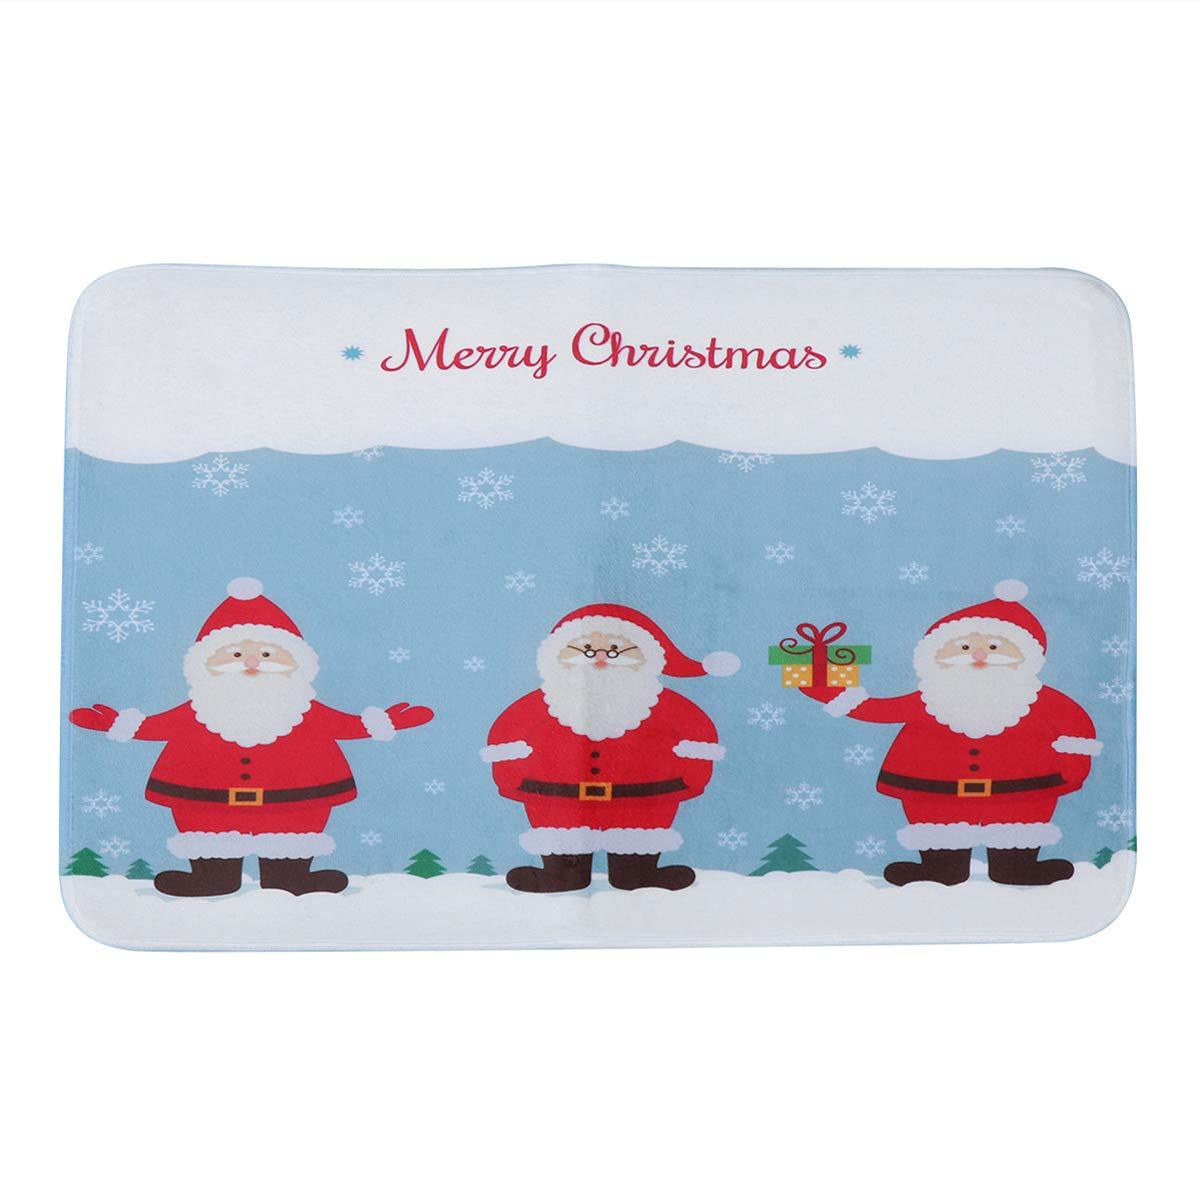 UPKOCH Christmas Doormat Entrance Door Mat Indoor Outdoor Welcome Doormat Rug